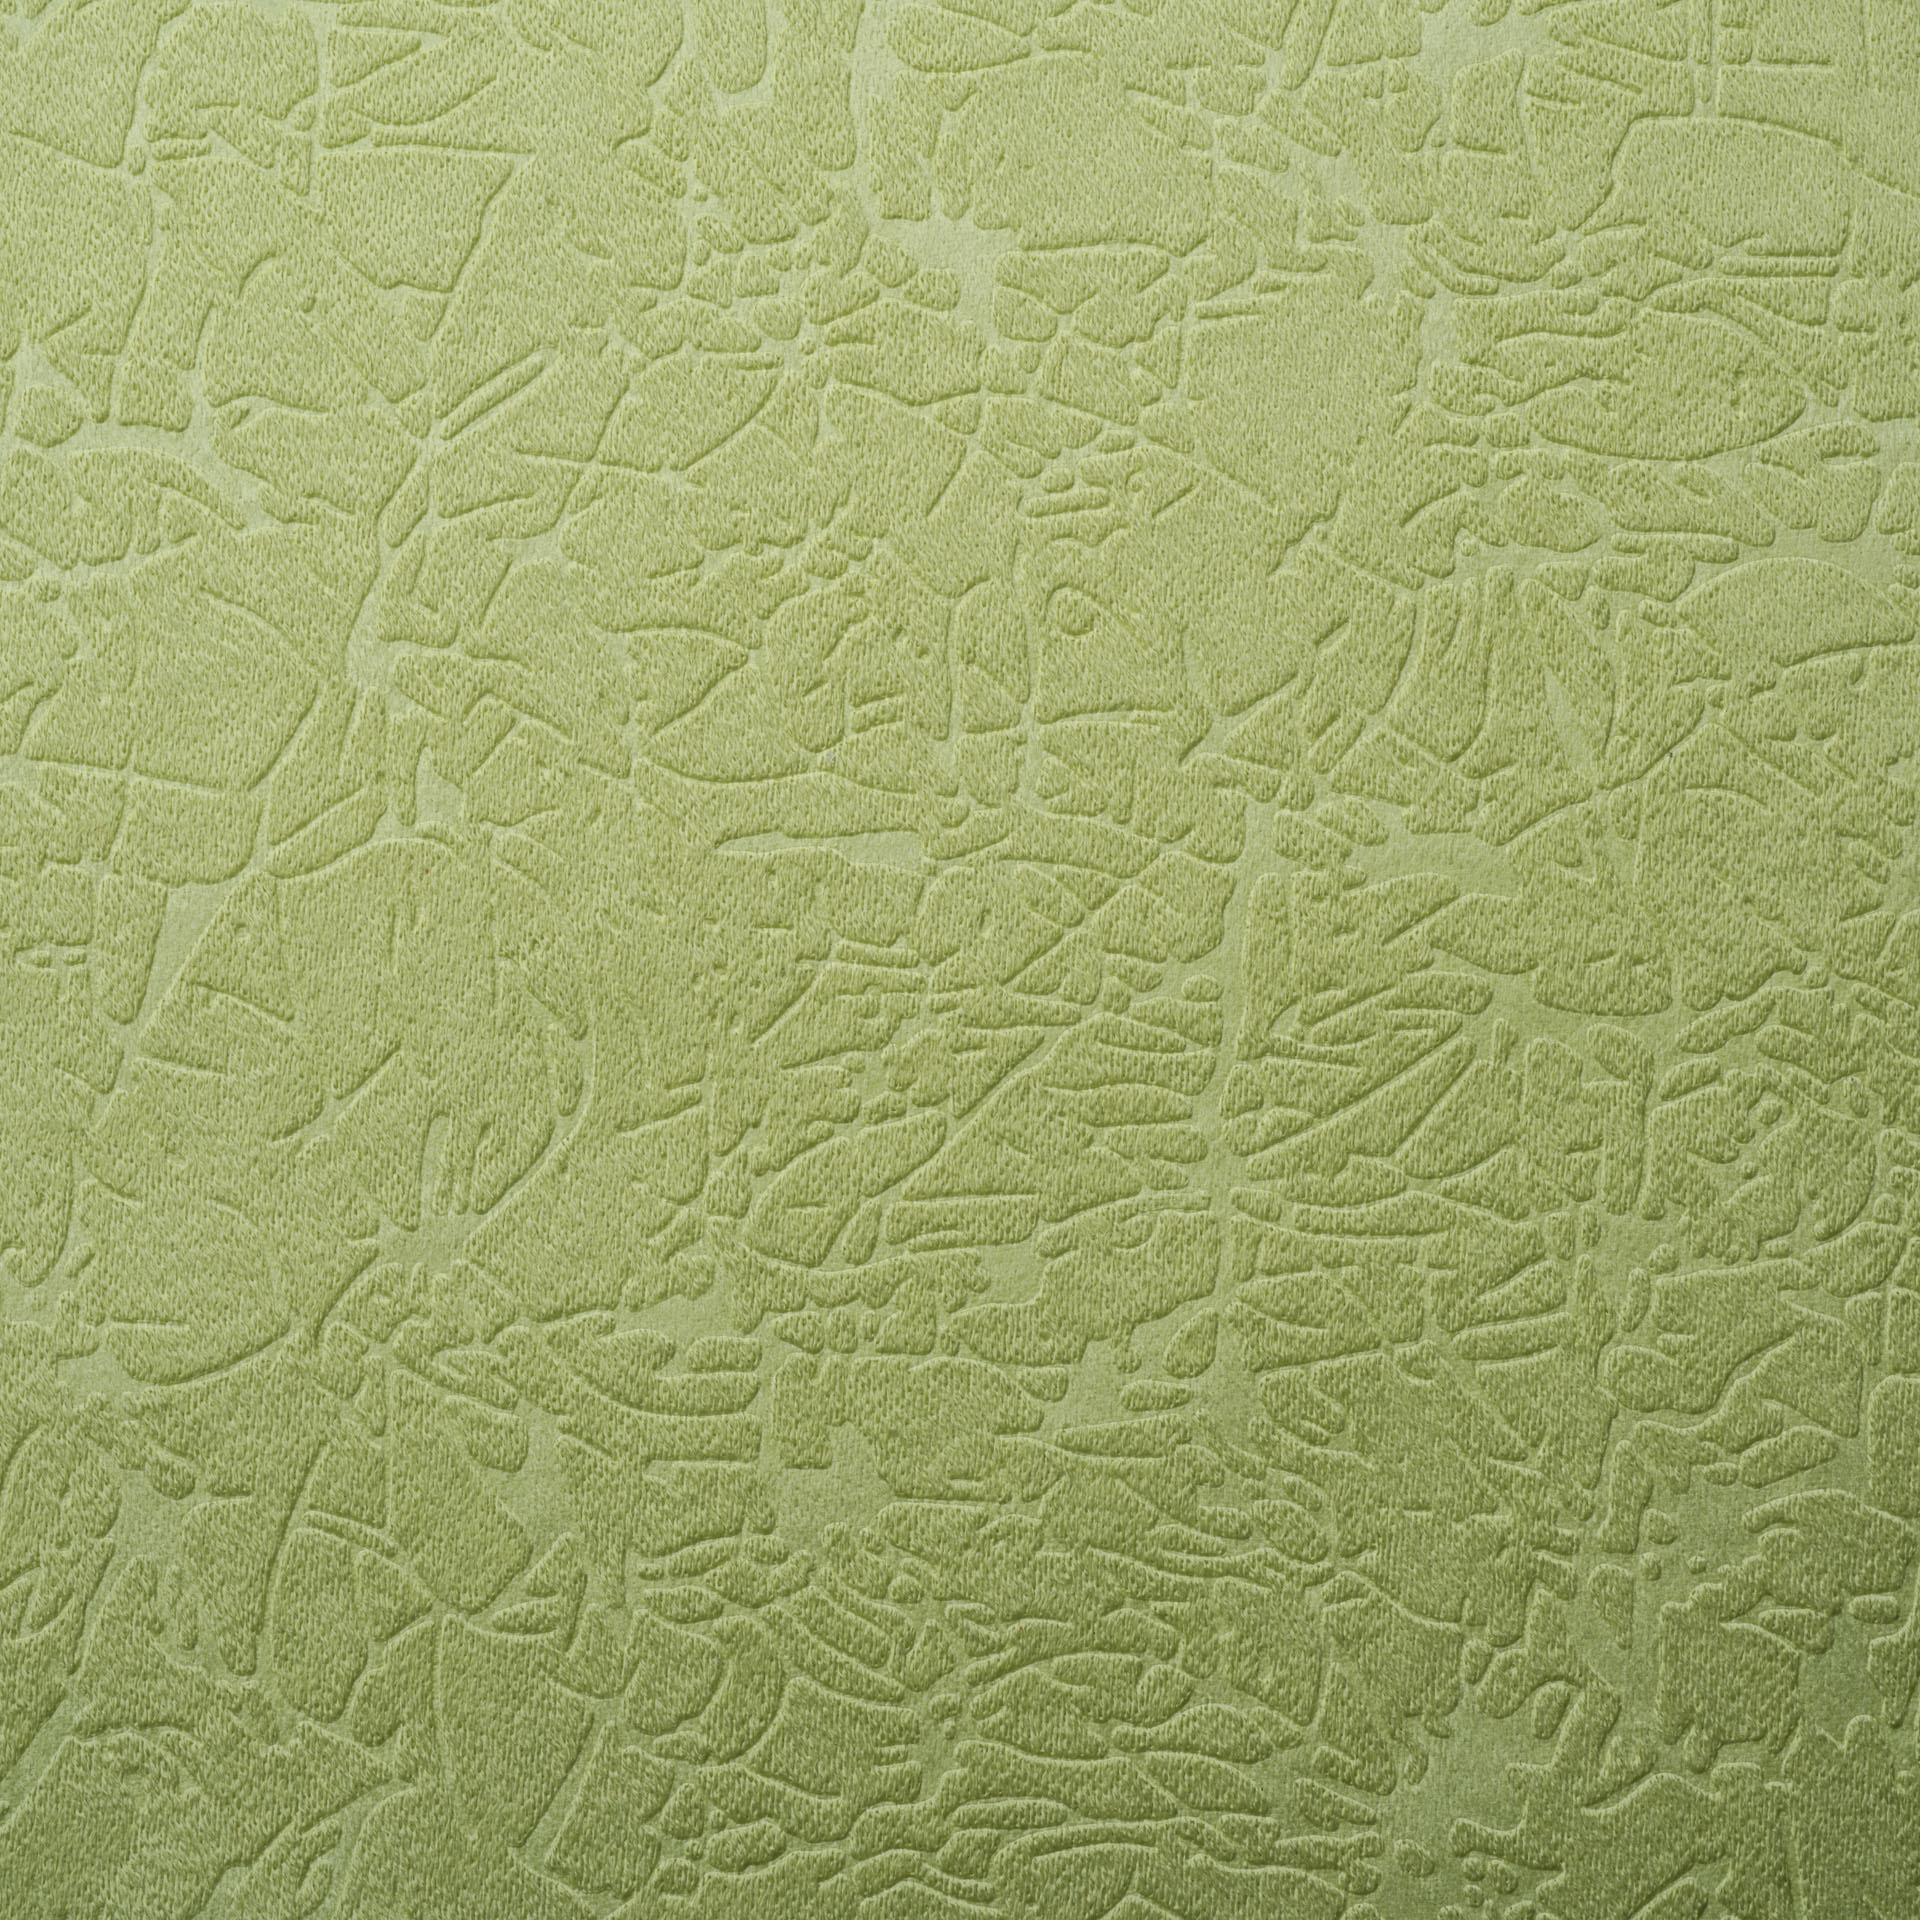 Коллекция ткани Пленет 07 GREEN,  купить ткань Велюр для мебели Украина